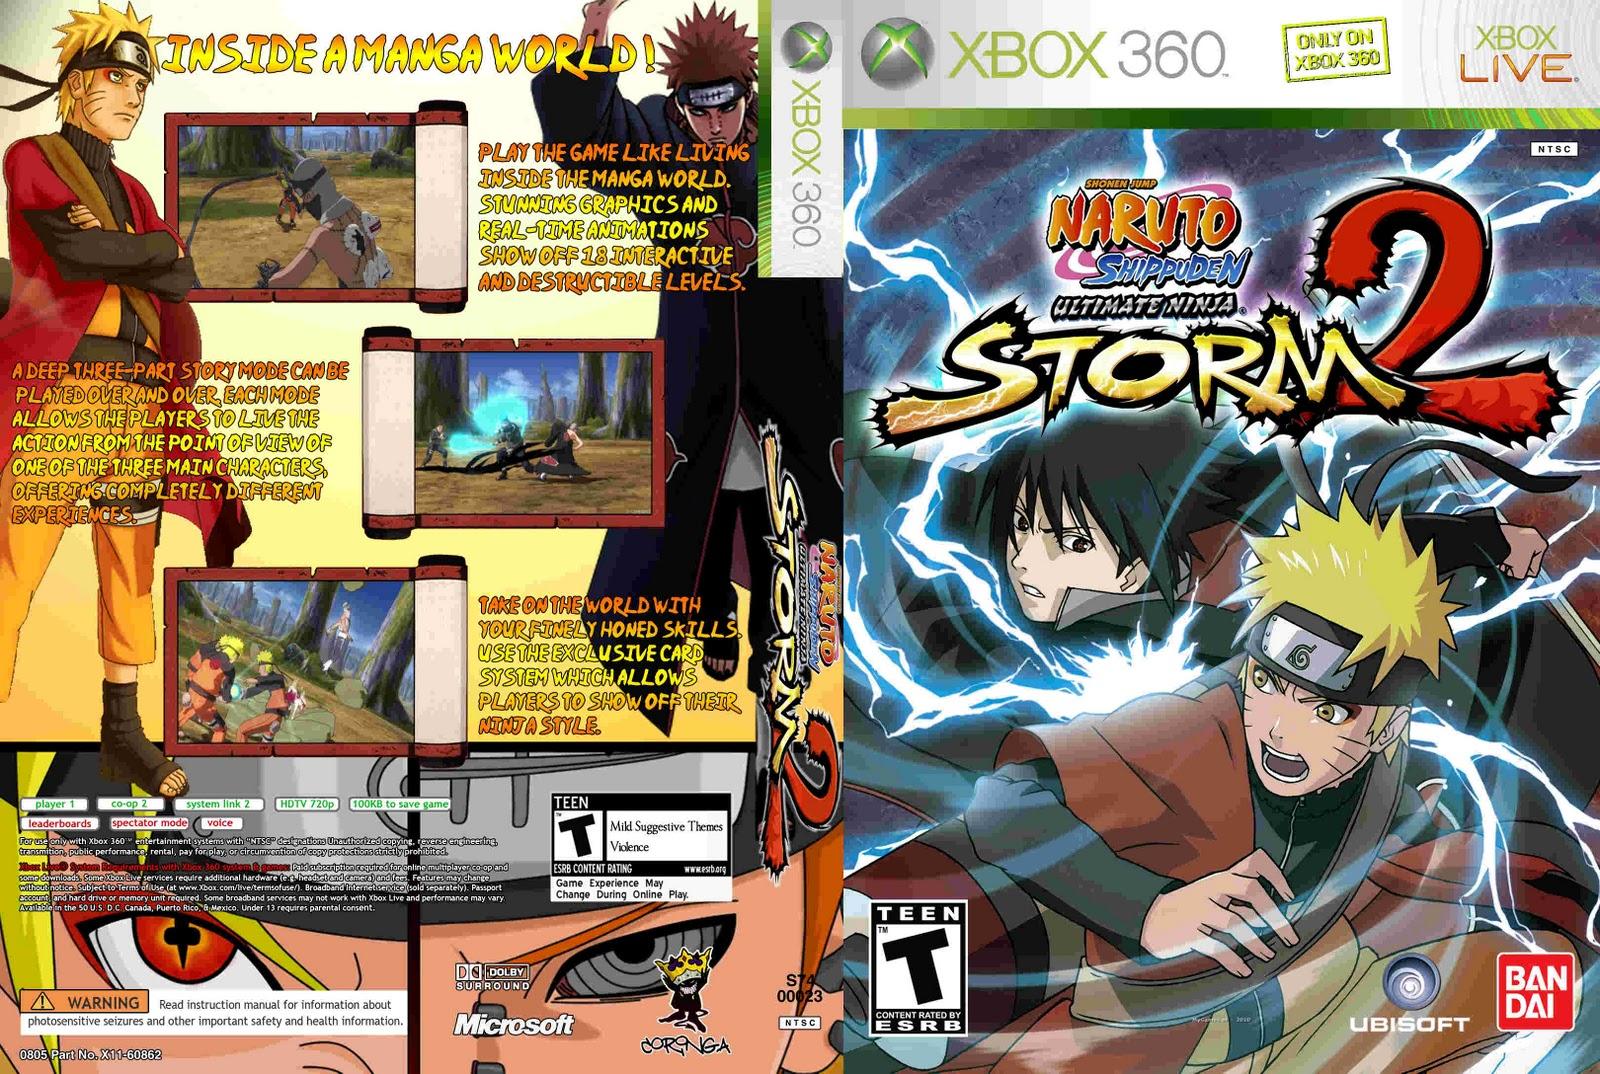 Новая игра серии ultimate ninja storm 2 naruto shippuden: ultimate ninja storm 2 / р naruto shippuden : ultimate